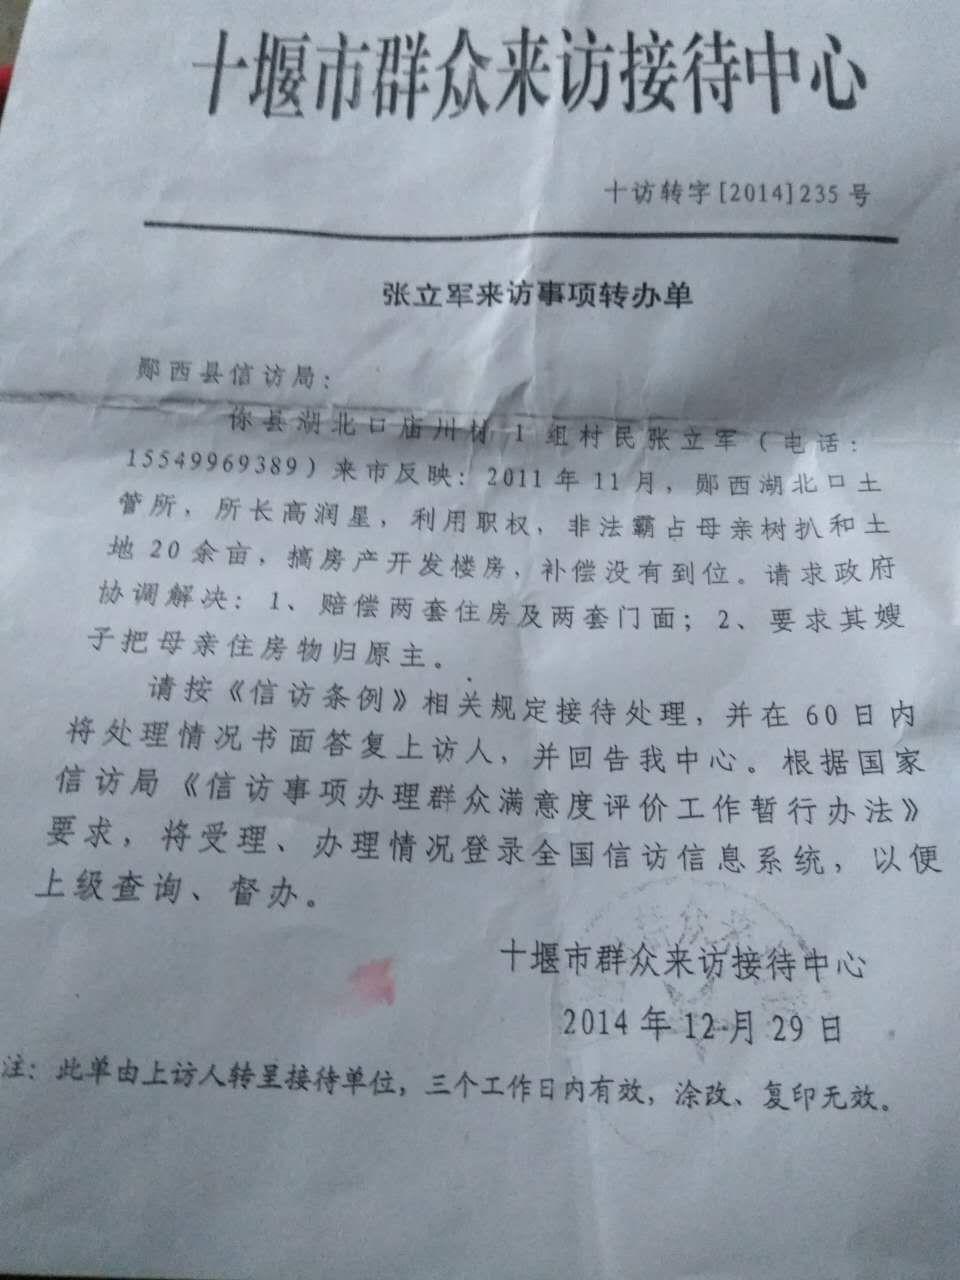 喊县委书记张涛 湖北郧西出大事了 77岁老人上